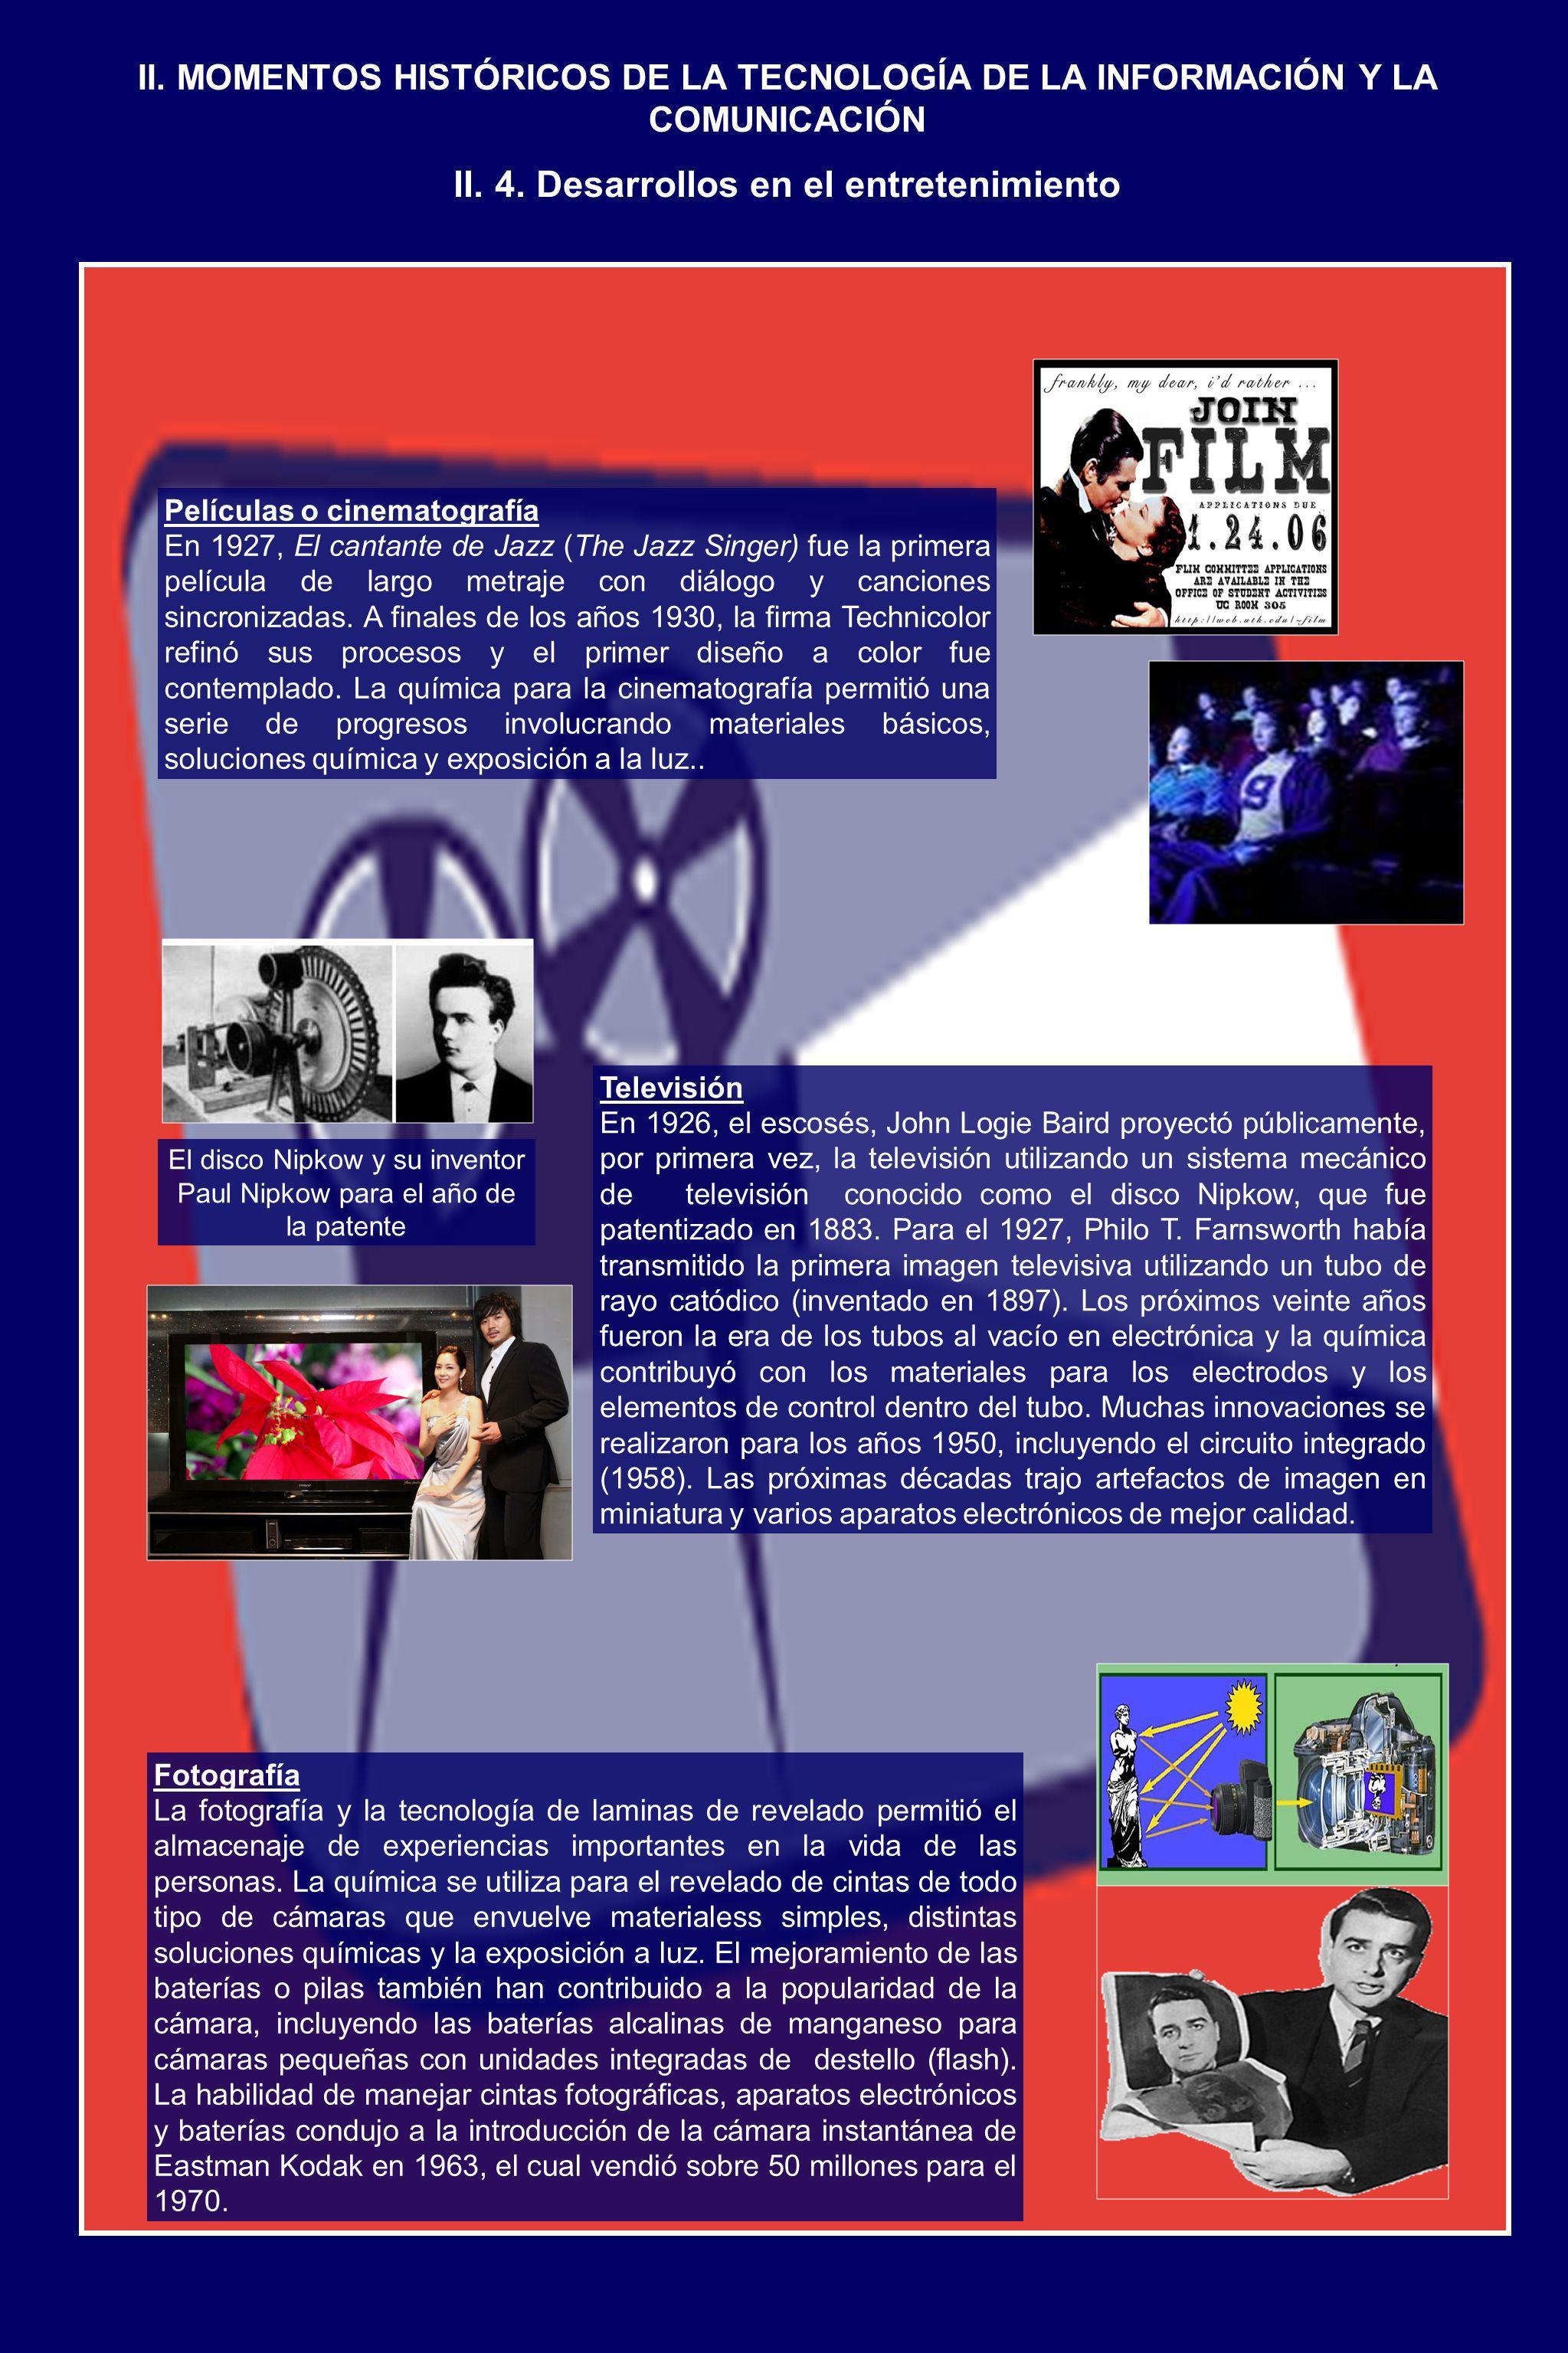 II. 4. Desarrollos en el entretenimiento